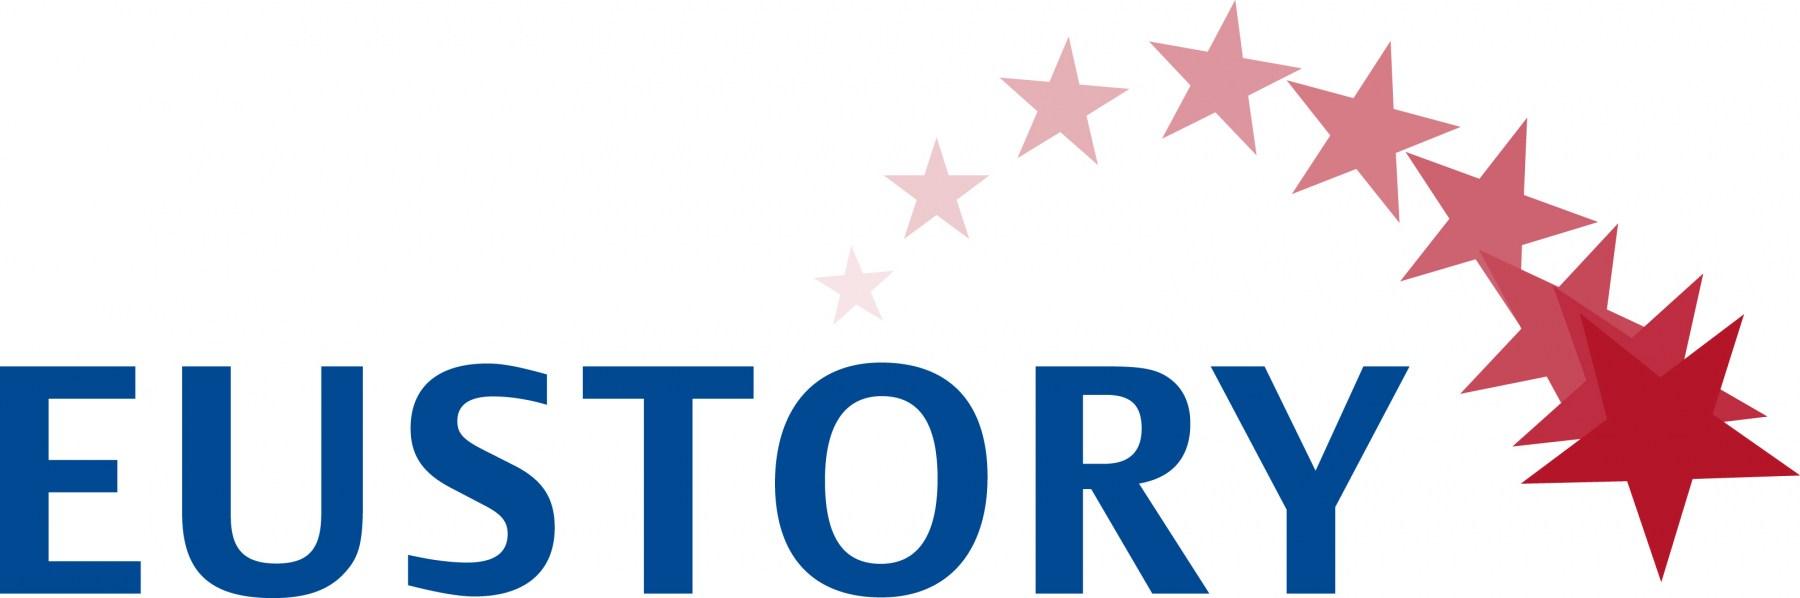 Logo_EUSTORY_2017_rgb